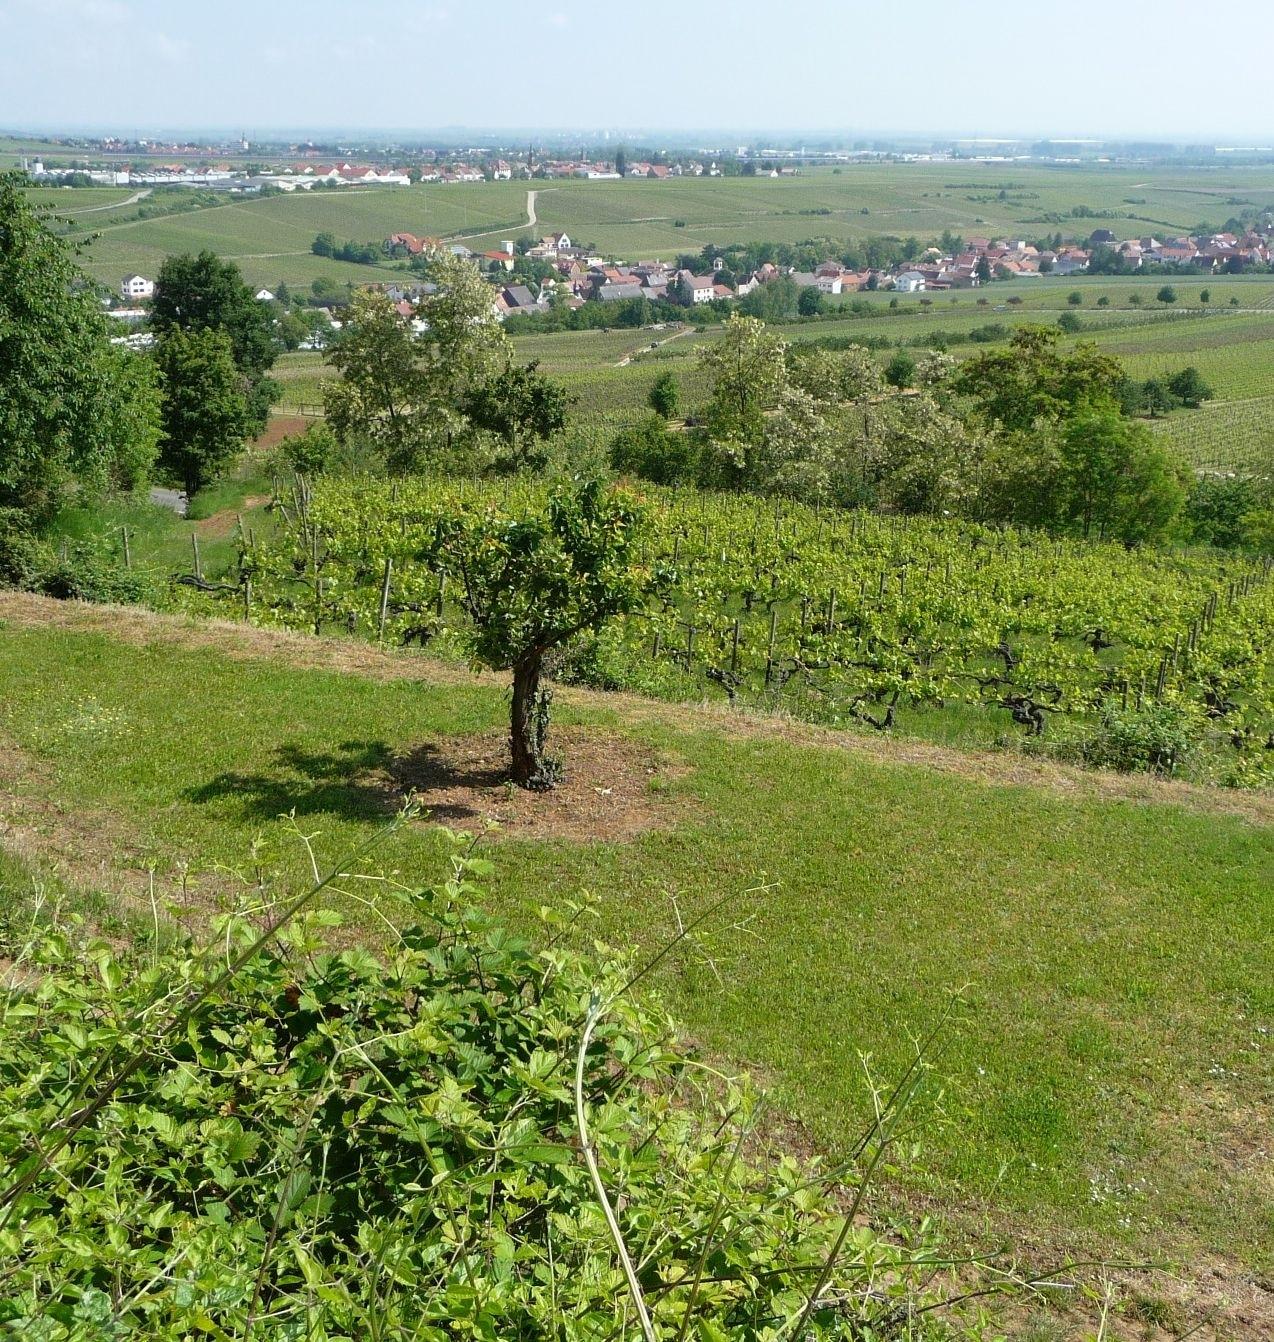 Battenberg (Pfalz), Rhineland-Palatinate, Germany